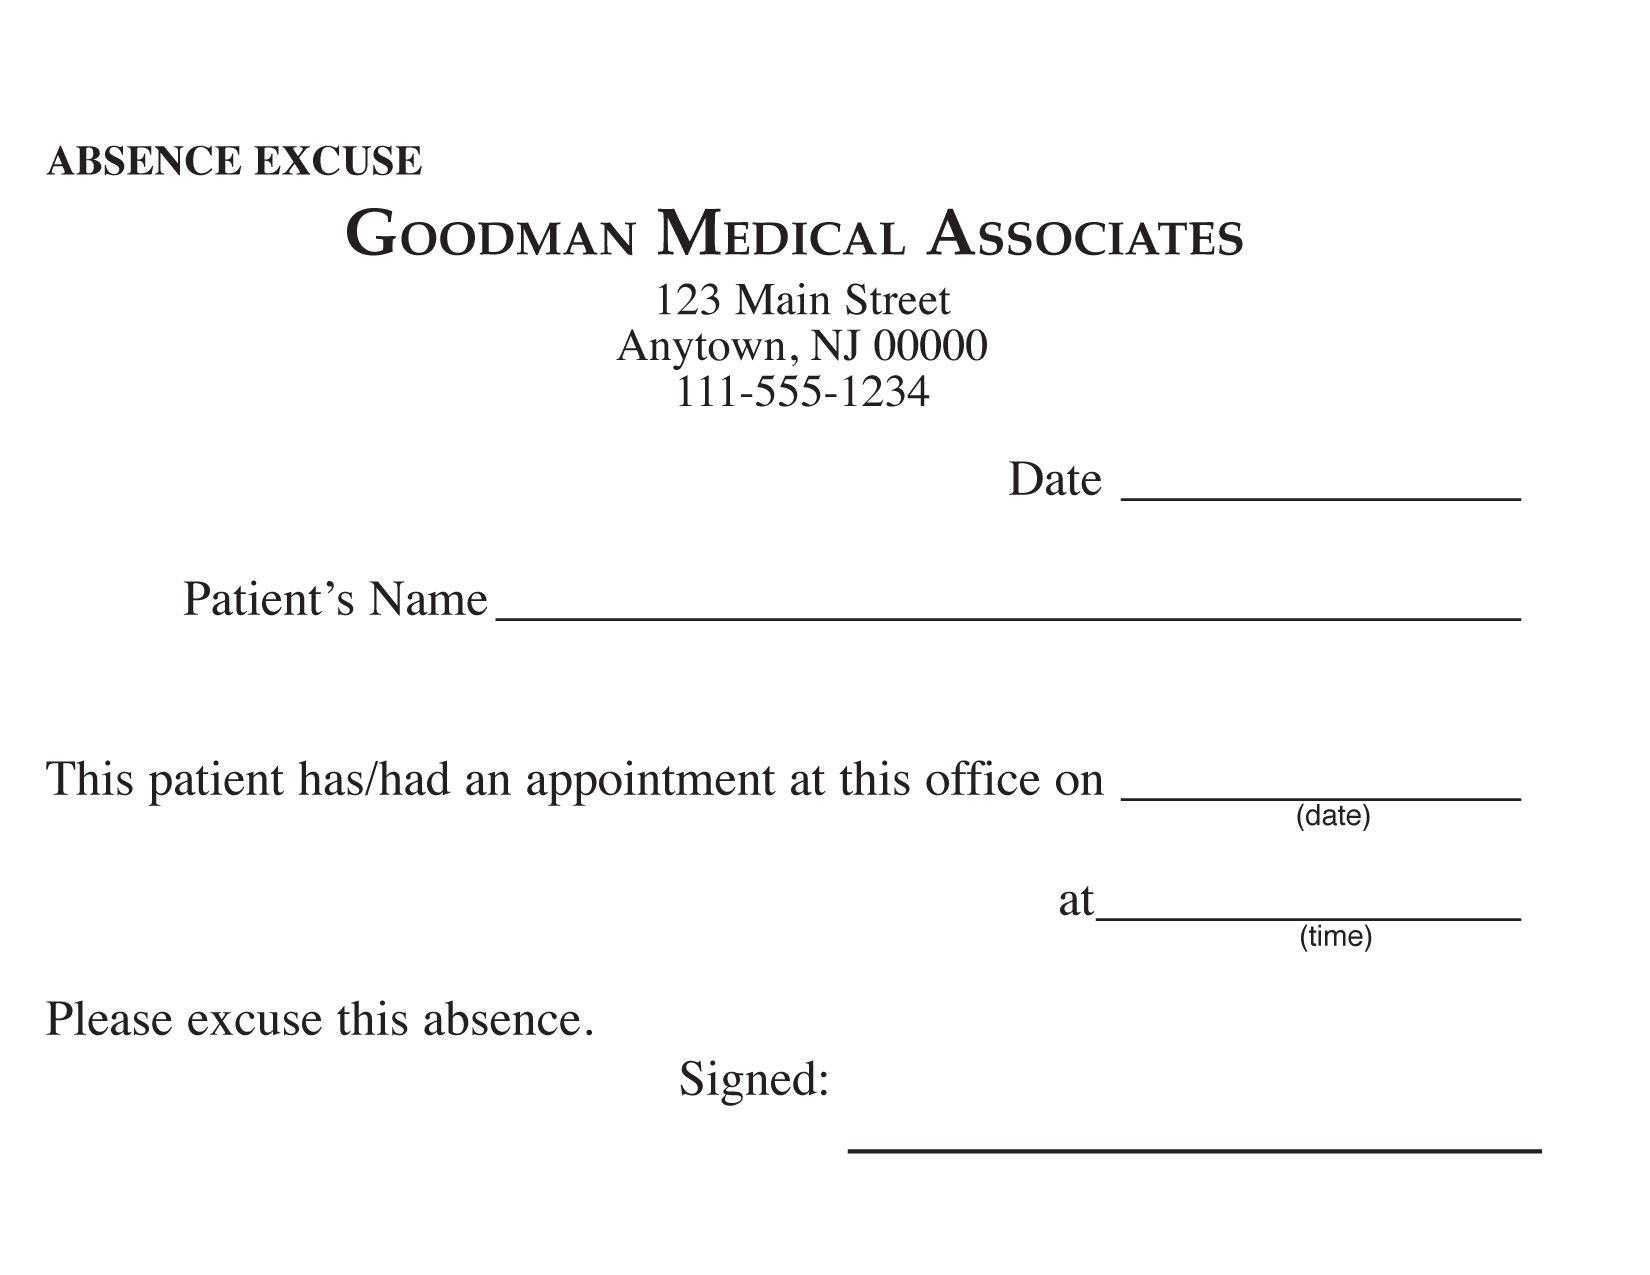 Blank Printable Doctor Excuse Form   Keskes Printing - Mds - Free Printable Doctors Excuse